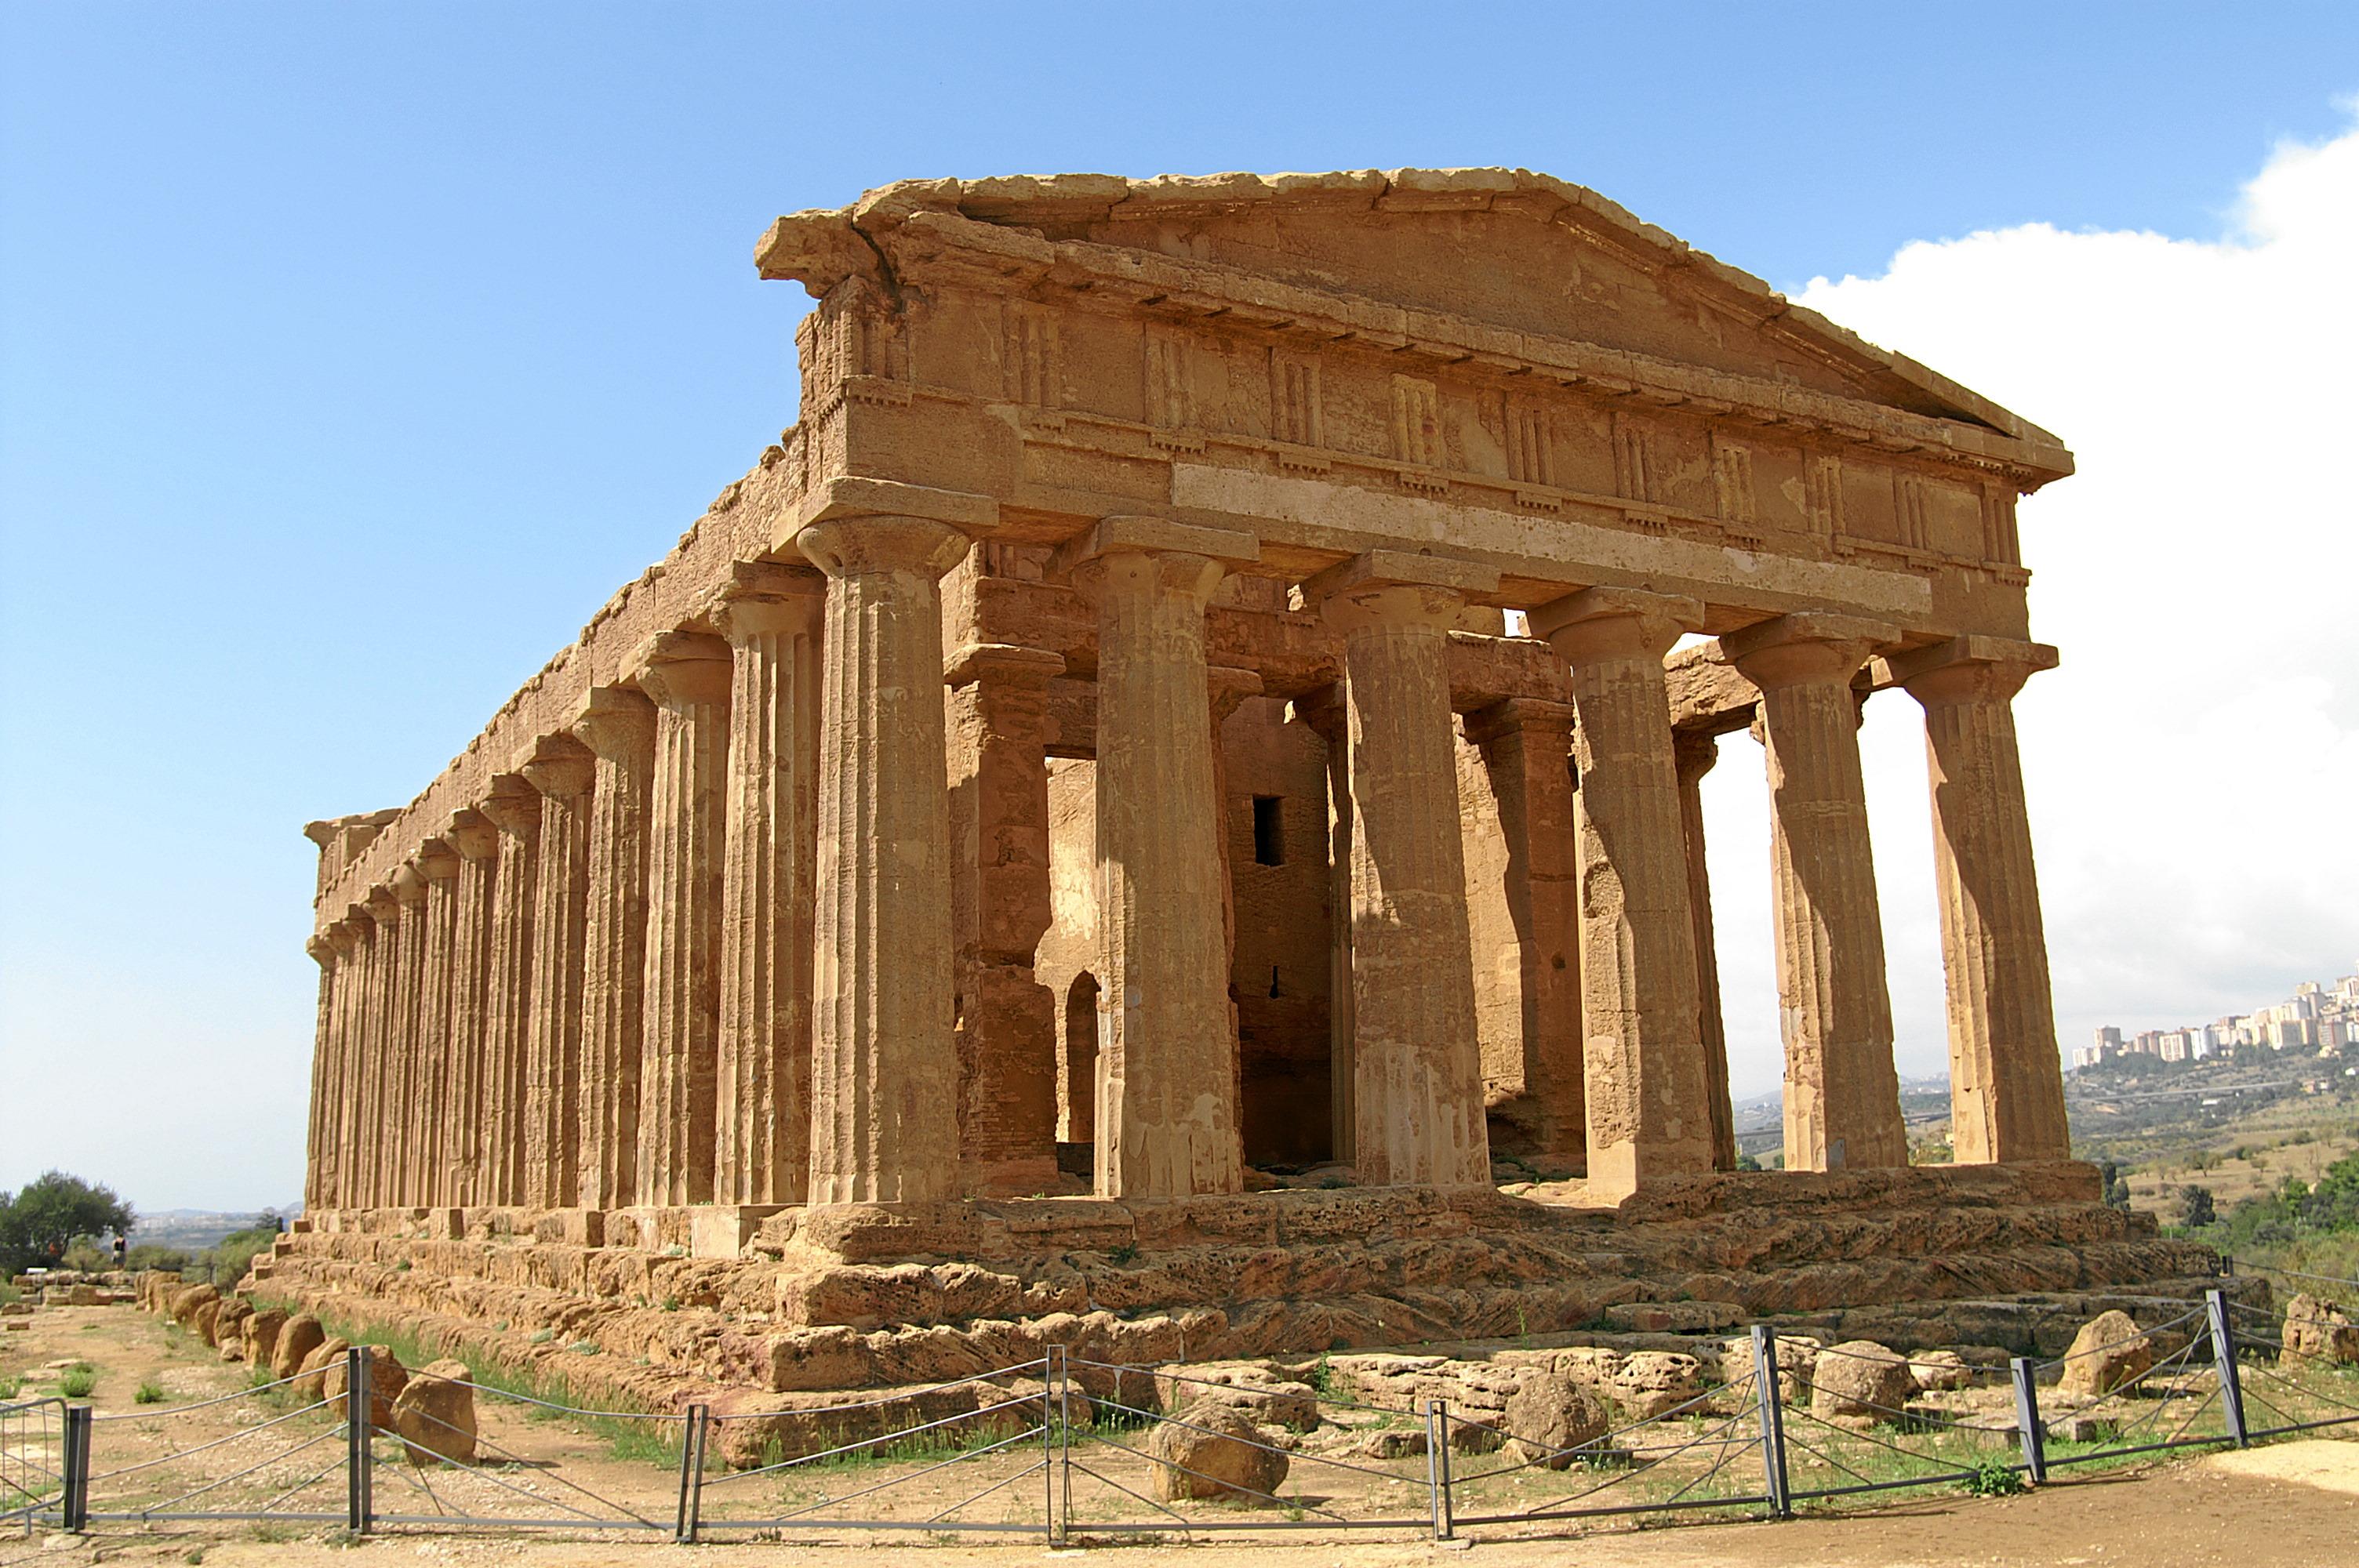 File:Valle-dei-templi-tempio-della-concordia-c.JPG - Wikimedia Commons